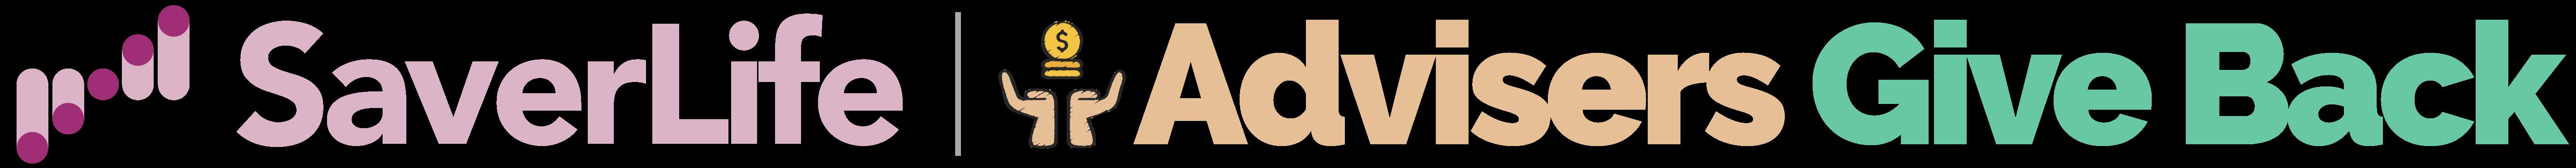 SaverLife AdvisersGiveBack logos.001